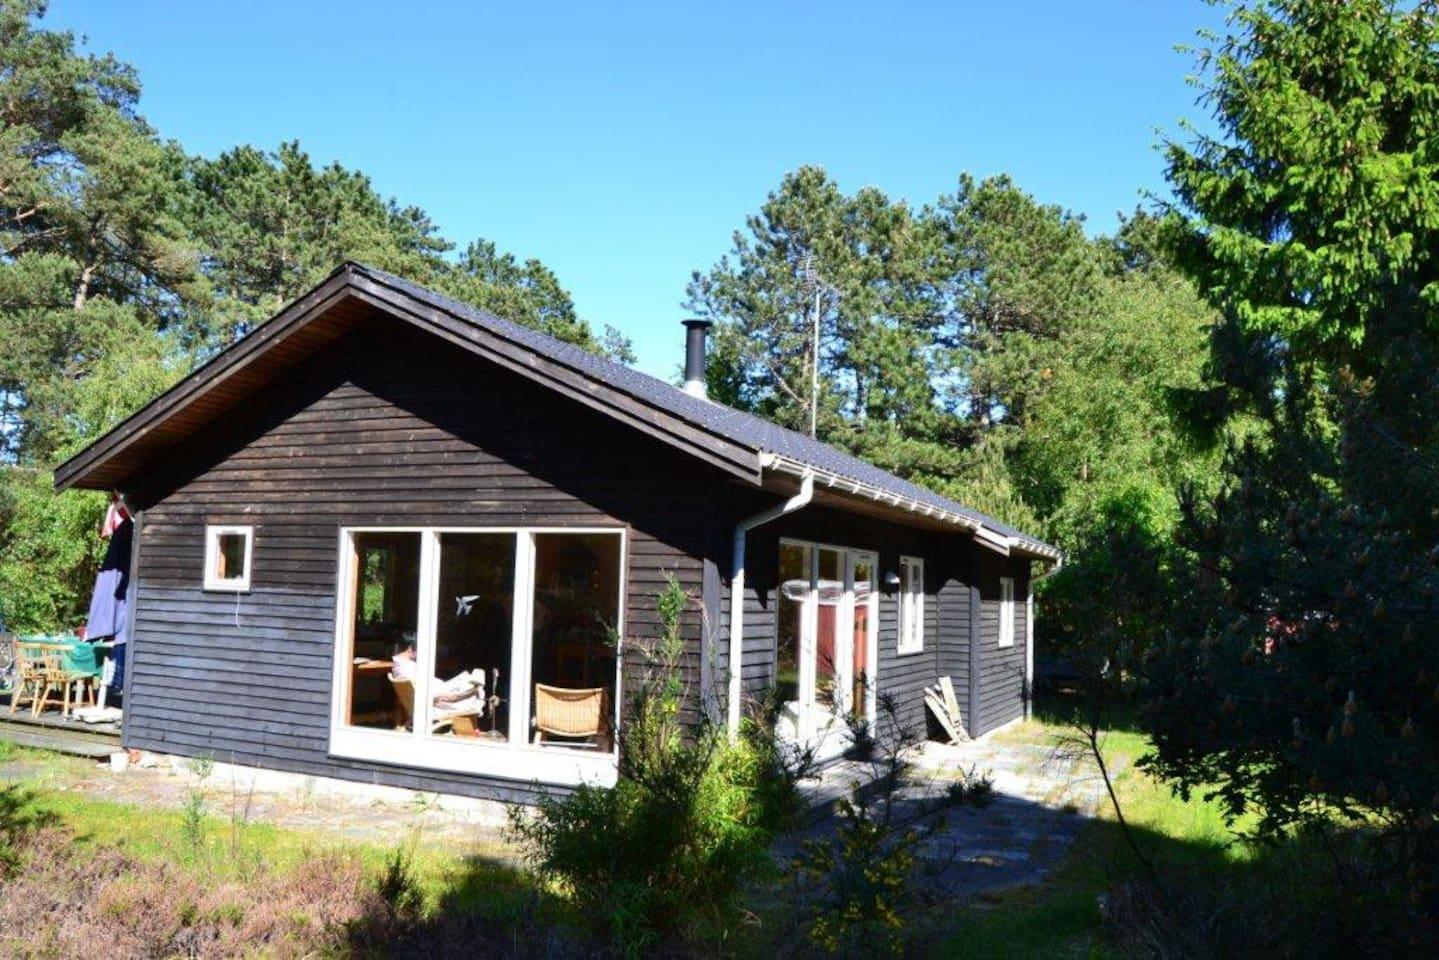 Huset ligger på stor ugenert naturgrund